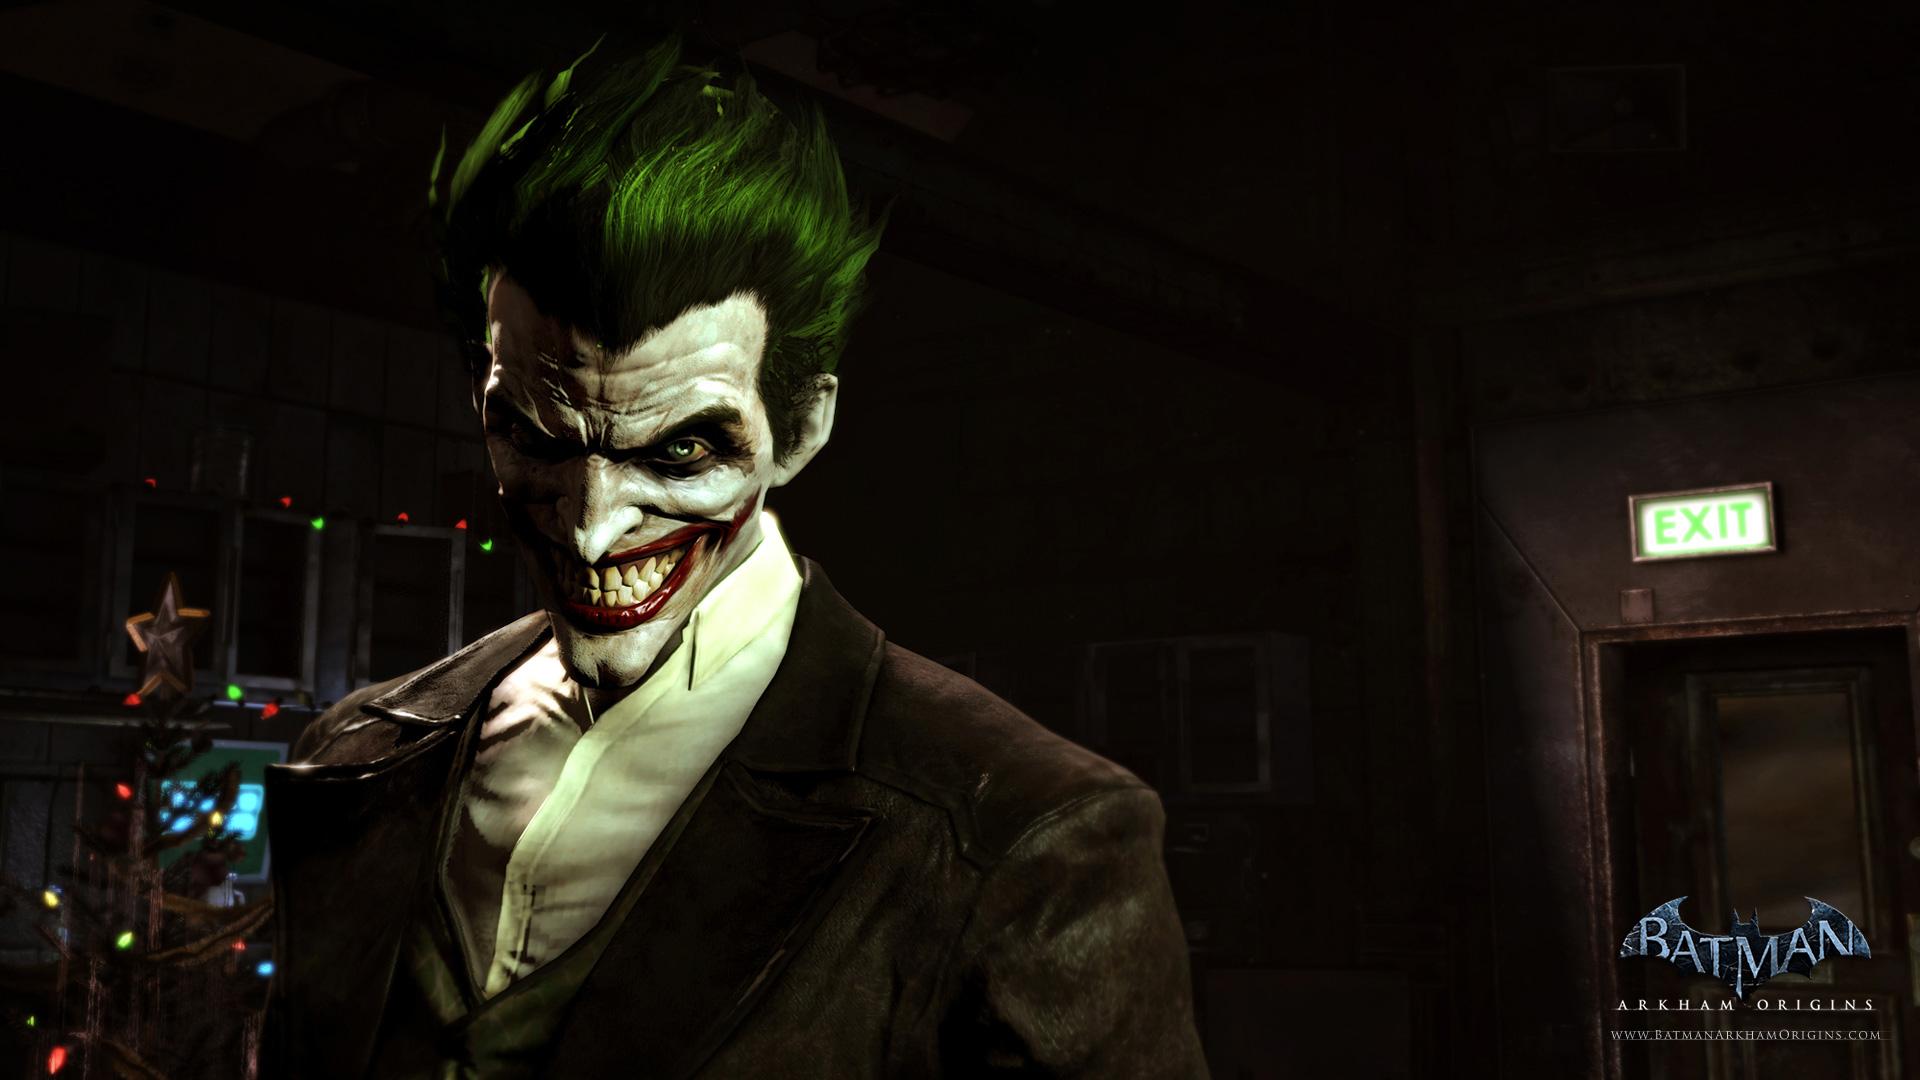 Batman Arkham Origins 2398 Hd Wallpaper